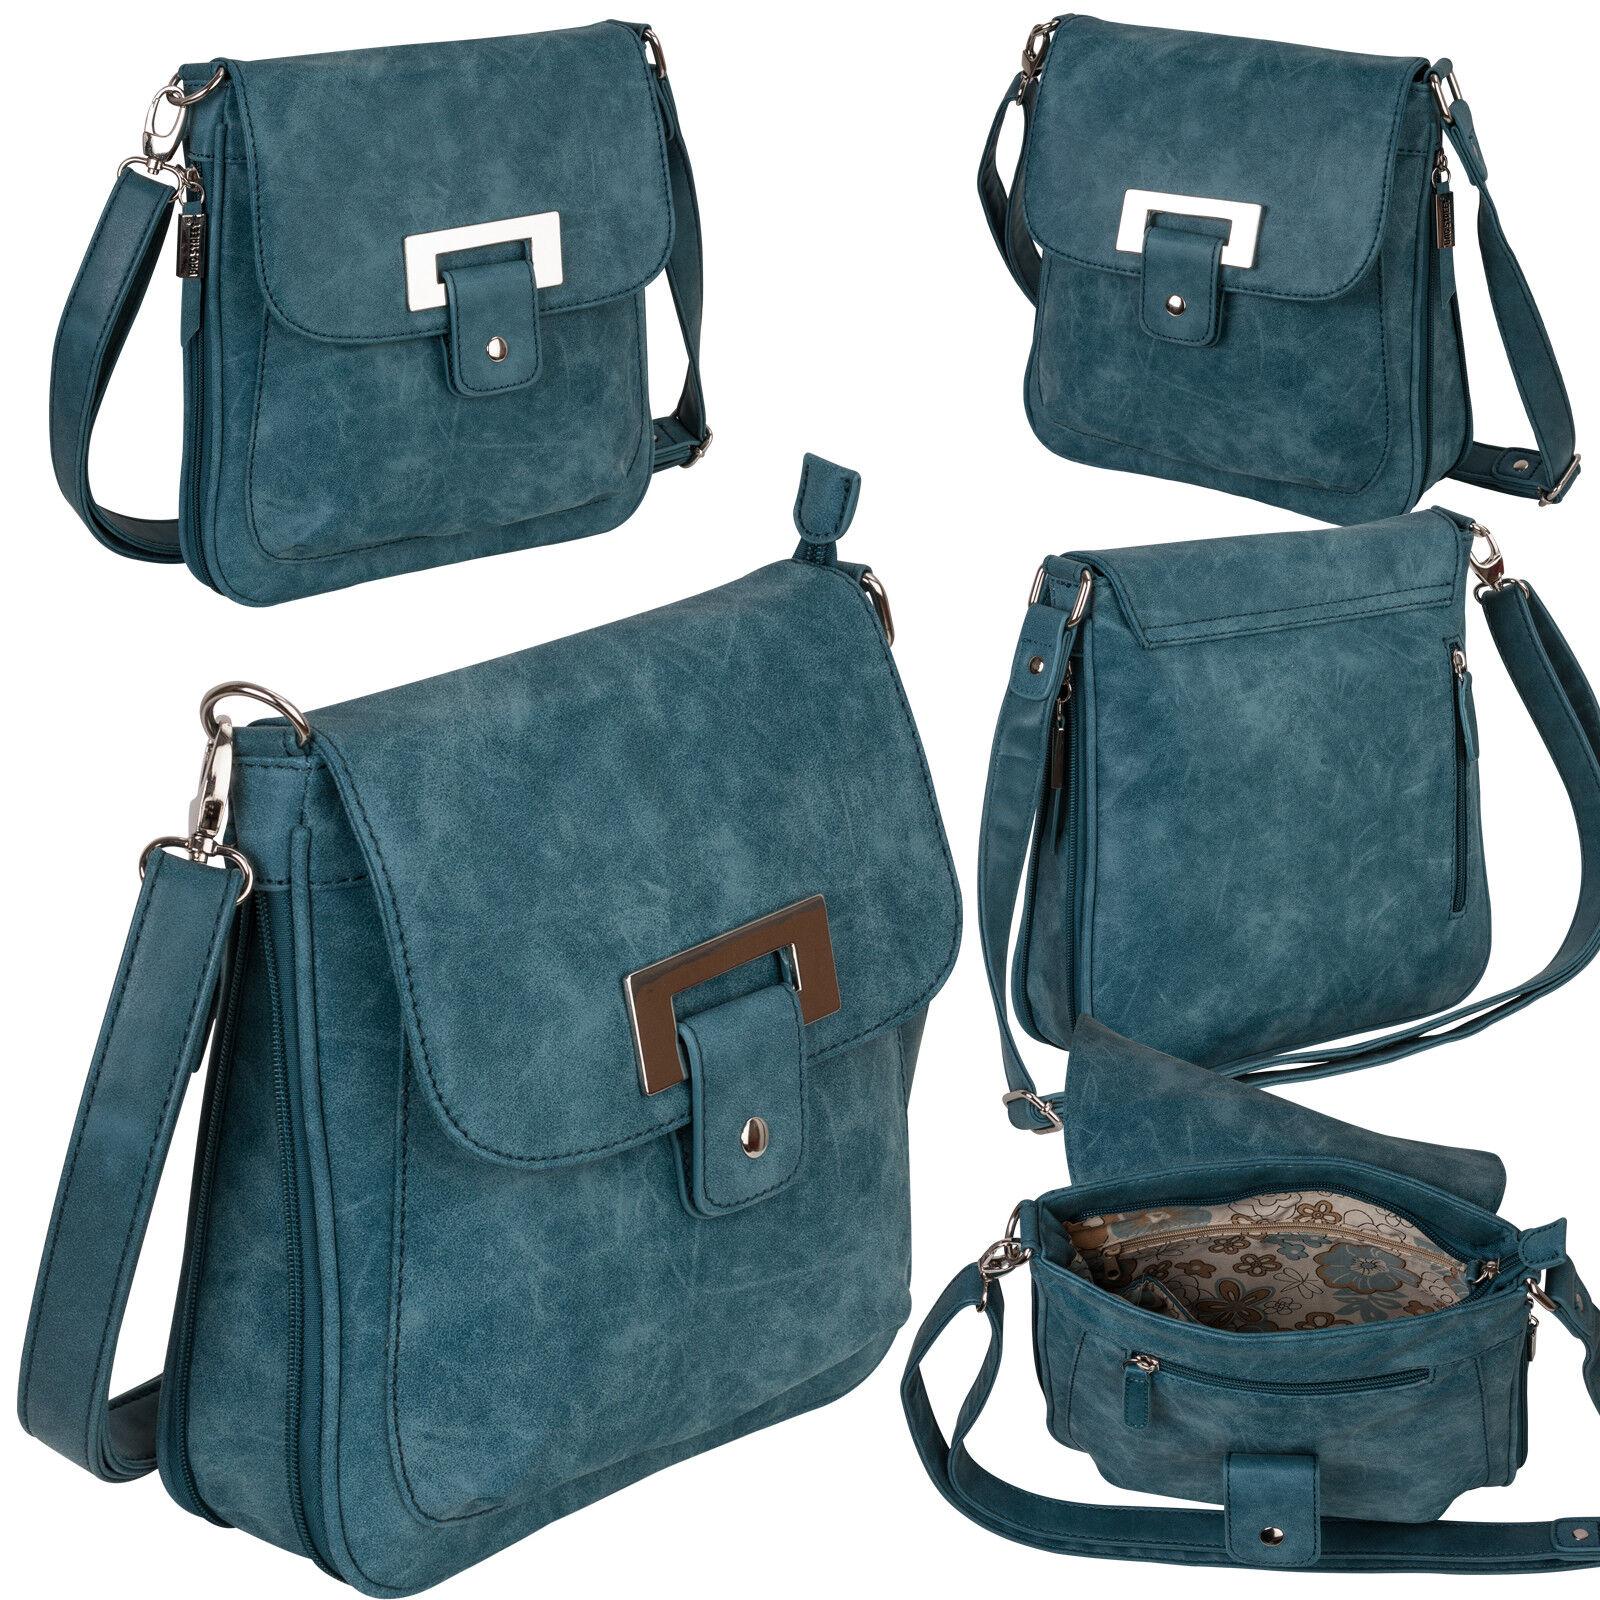 Bag Street Damentasche Umhängetasche Handtasche Schultertasche K2 T0101 Blau